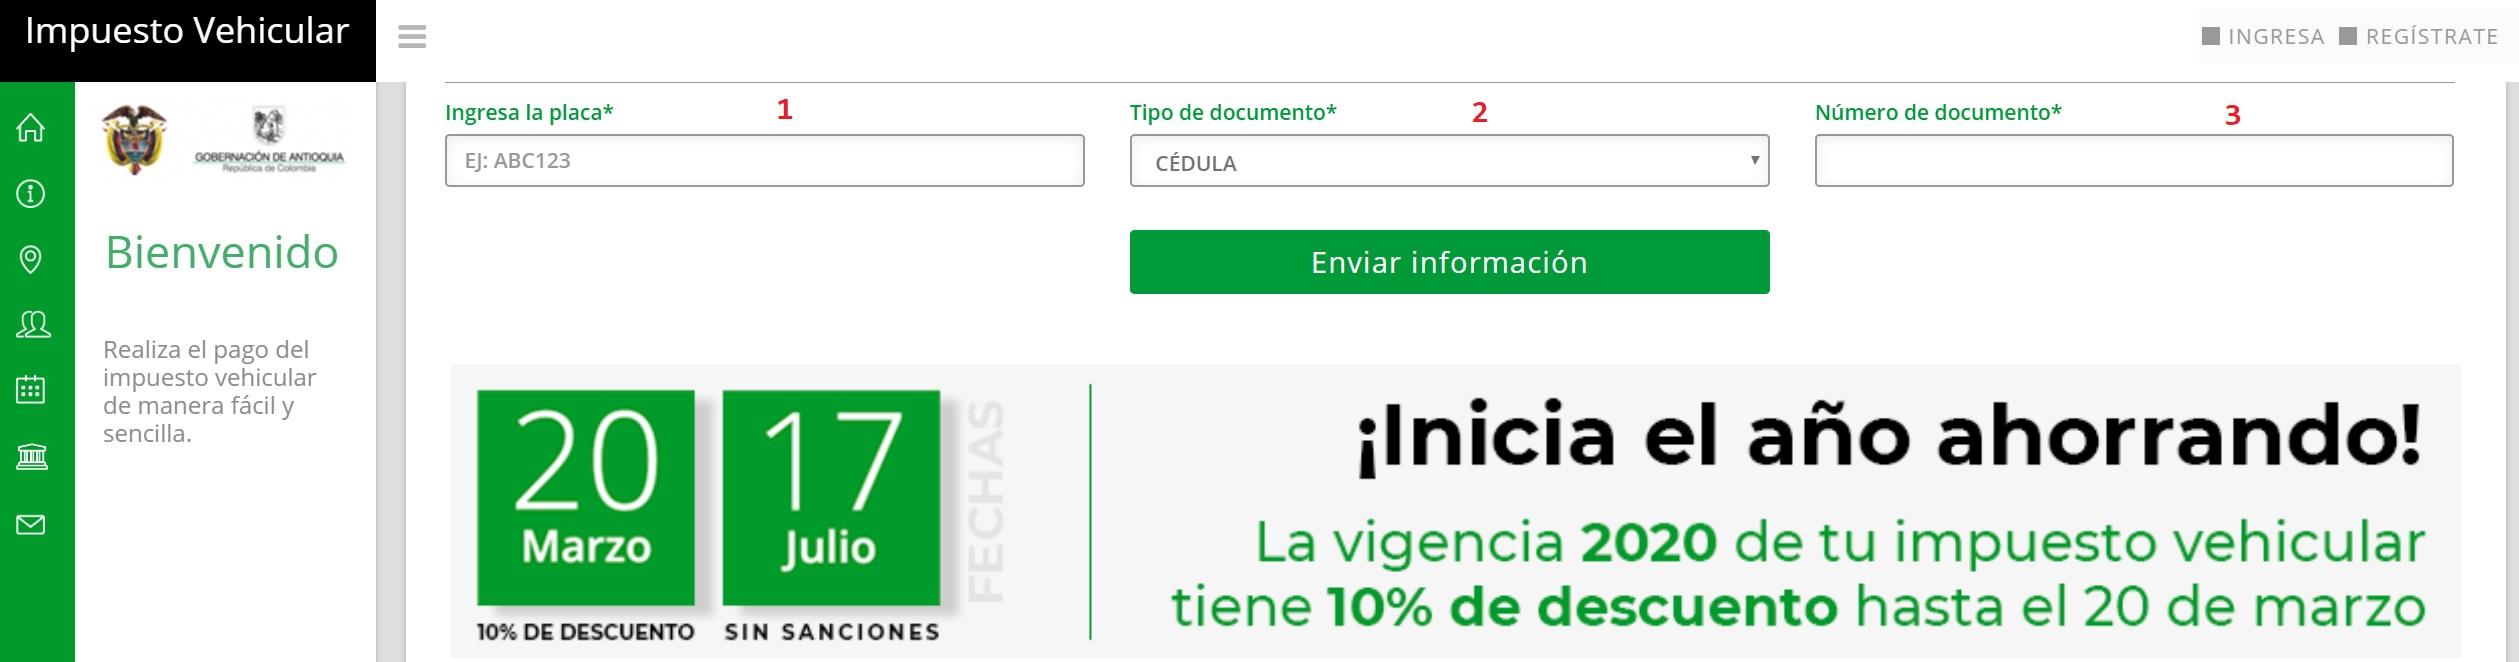 Impuesto de vehículos de Antioquia